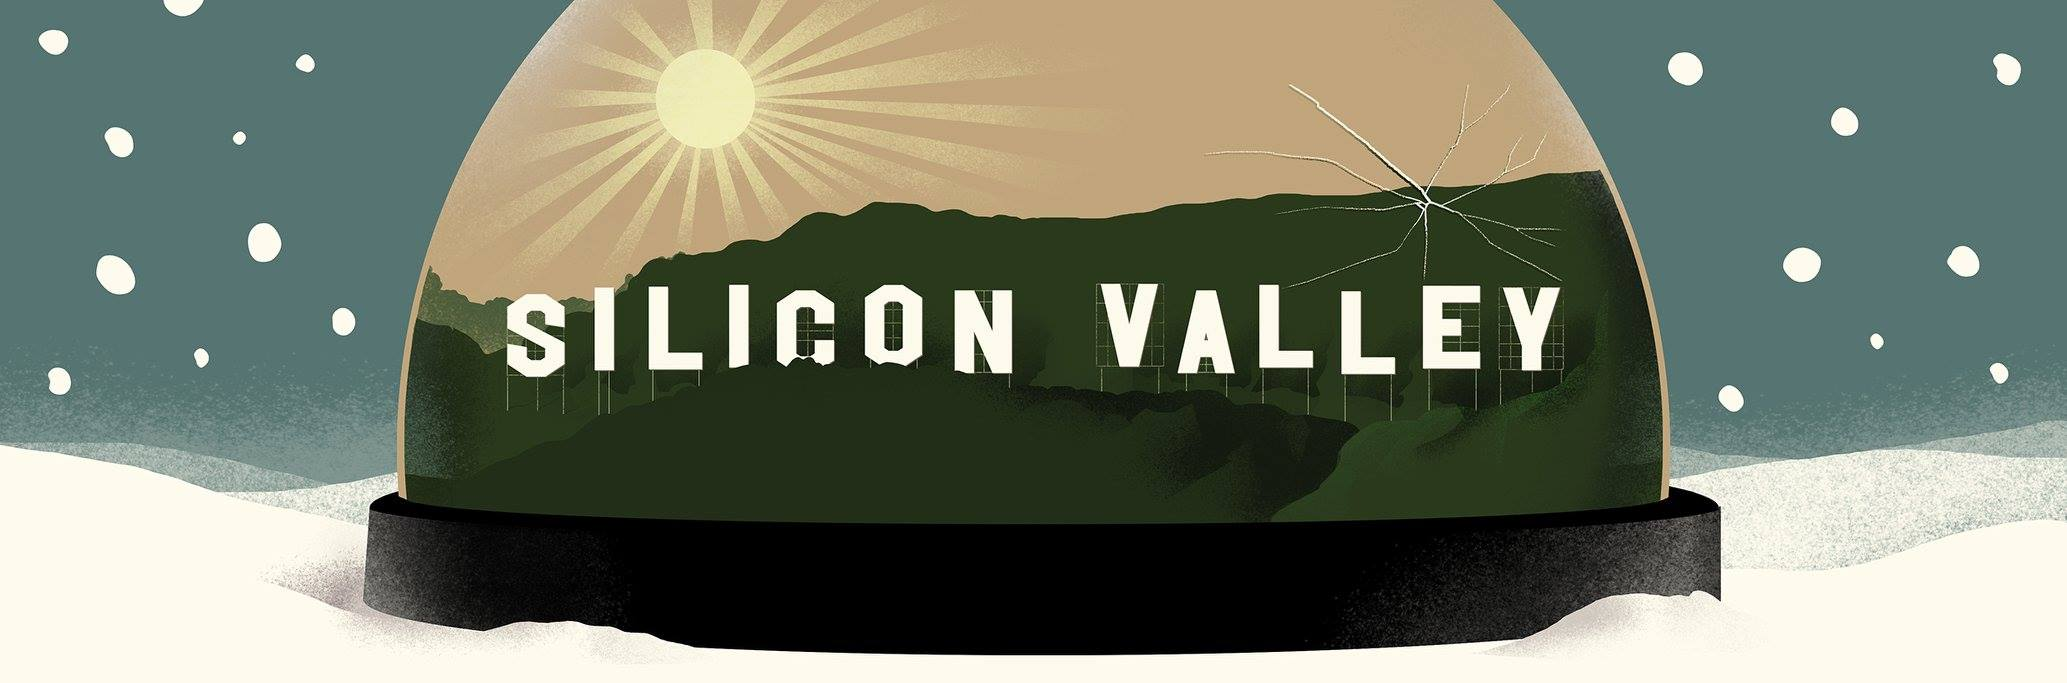 Riki_Blanco_Silicon_Valley_1